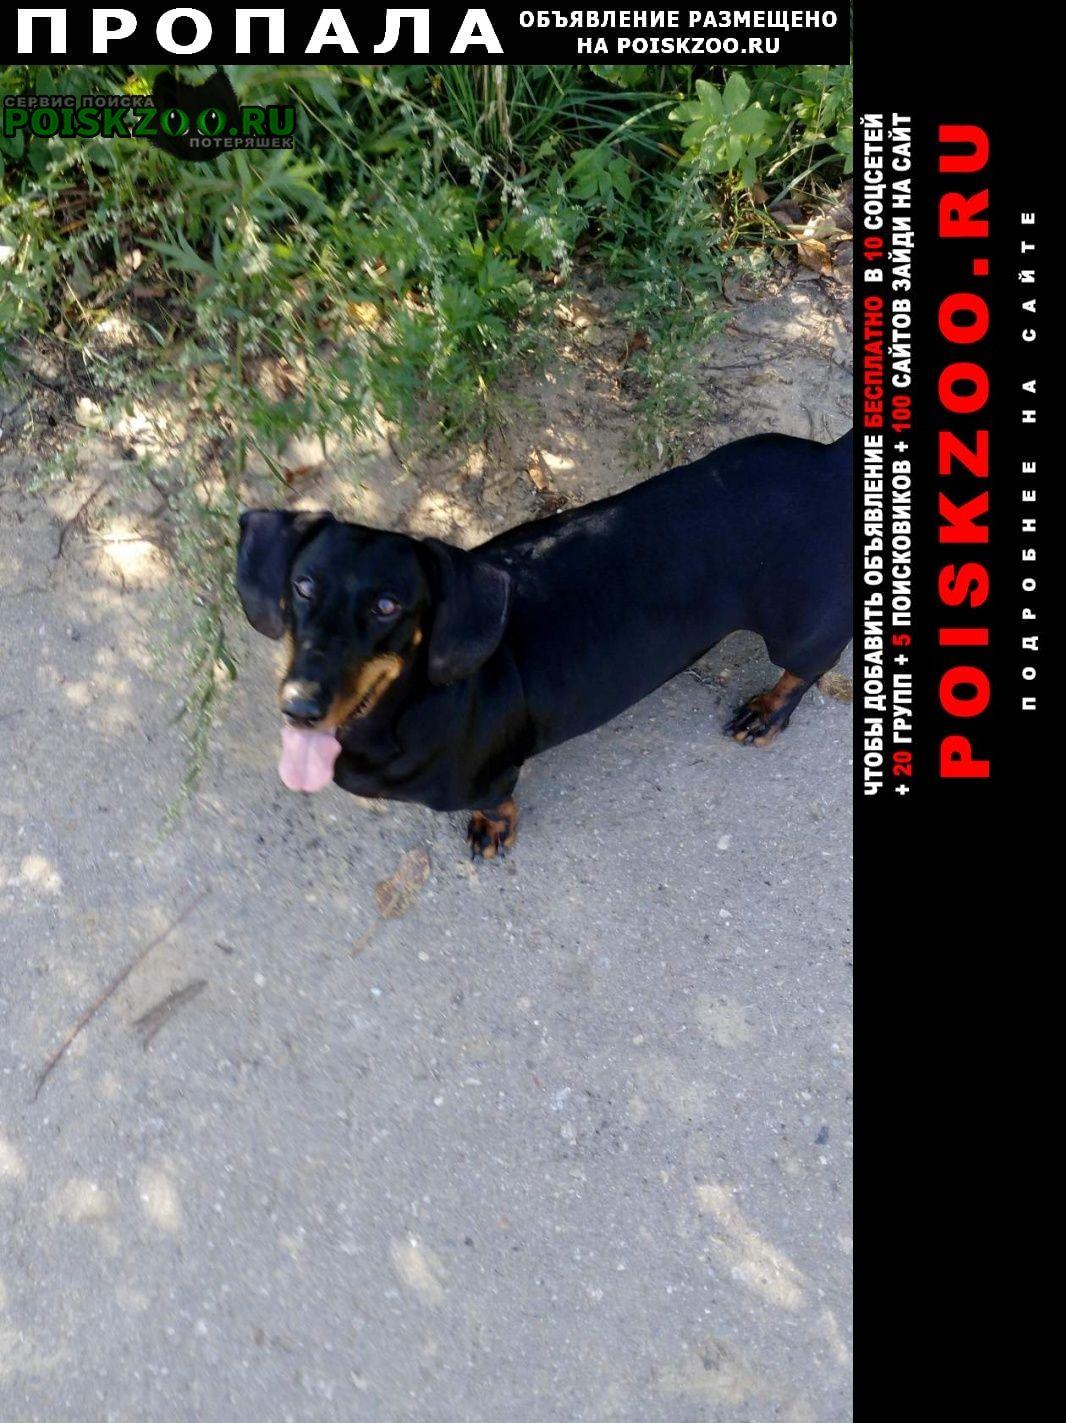 Пропала собака Владимир